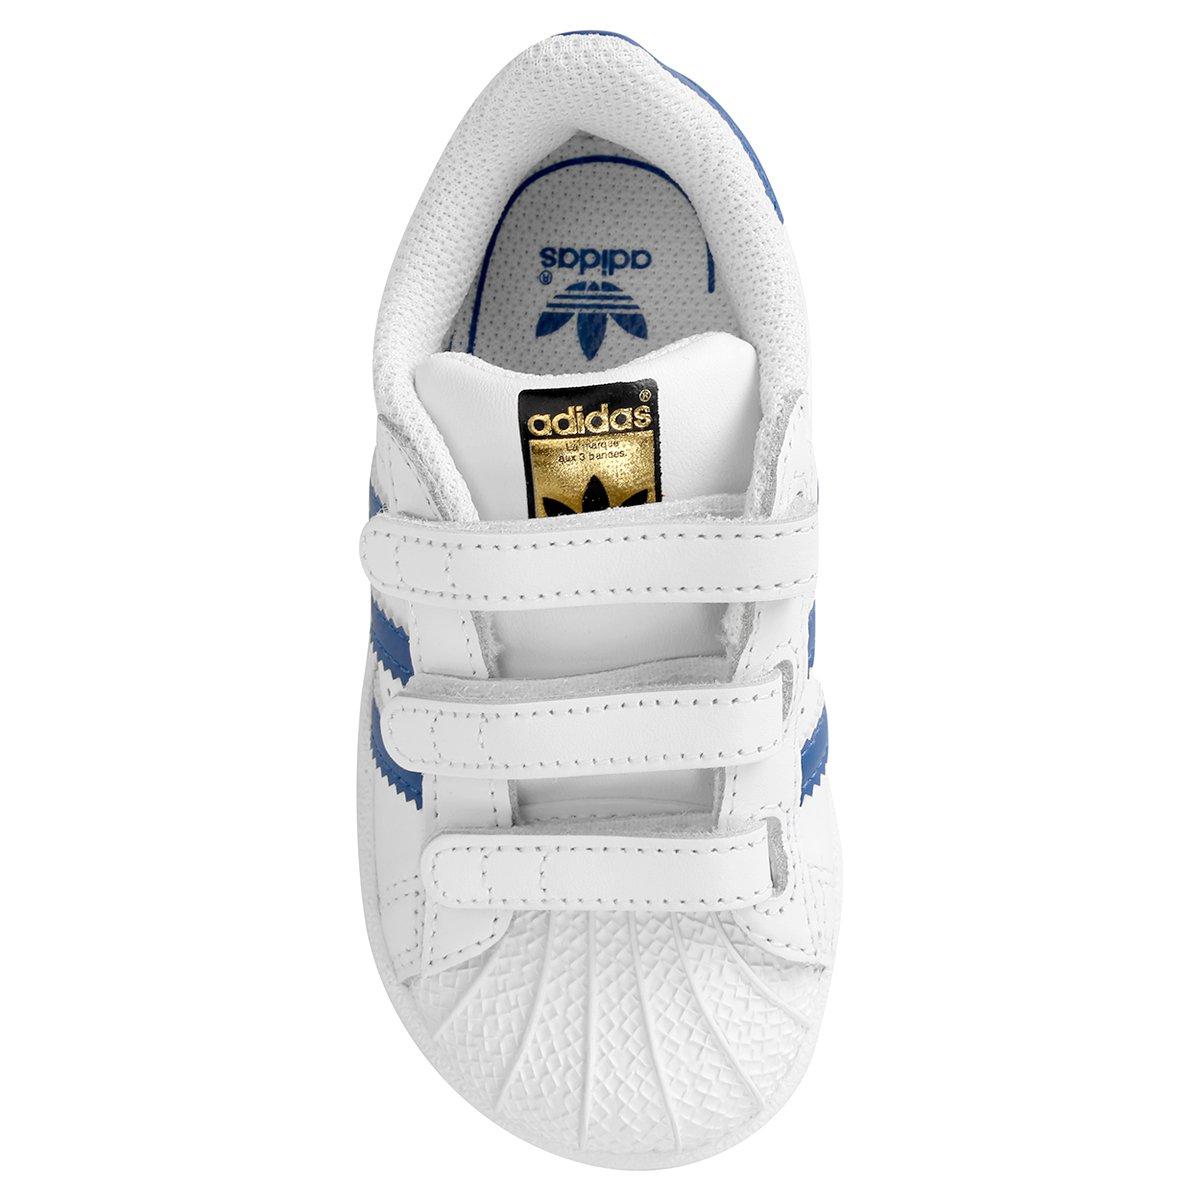 7a07a5d7f4 Tênis Adidas Superstar Foundation Cf Infantil - Compre Agora